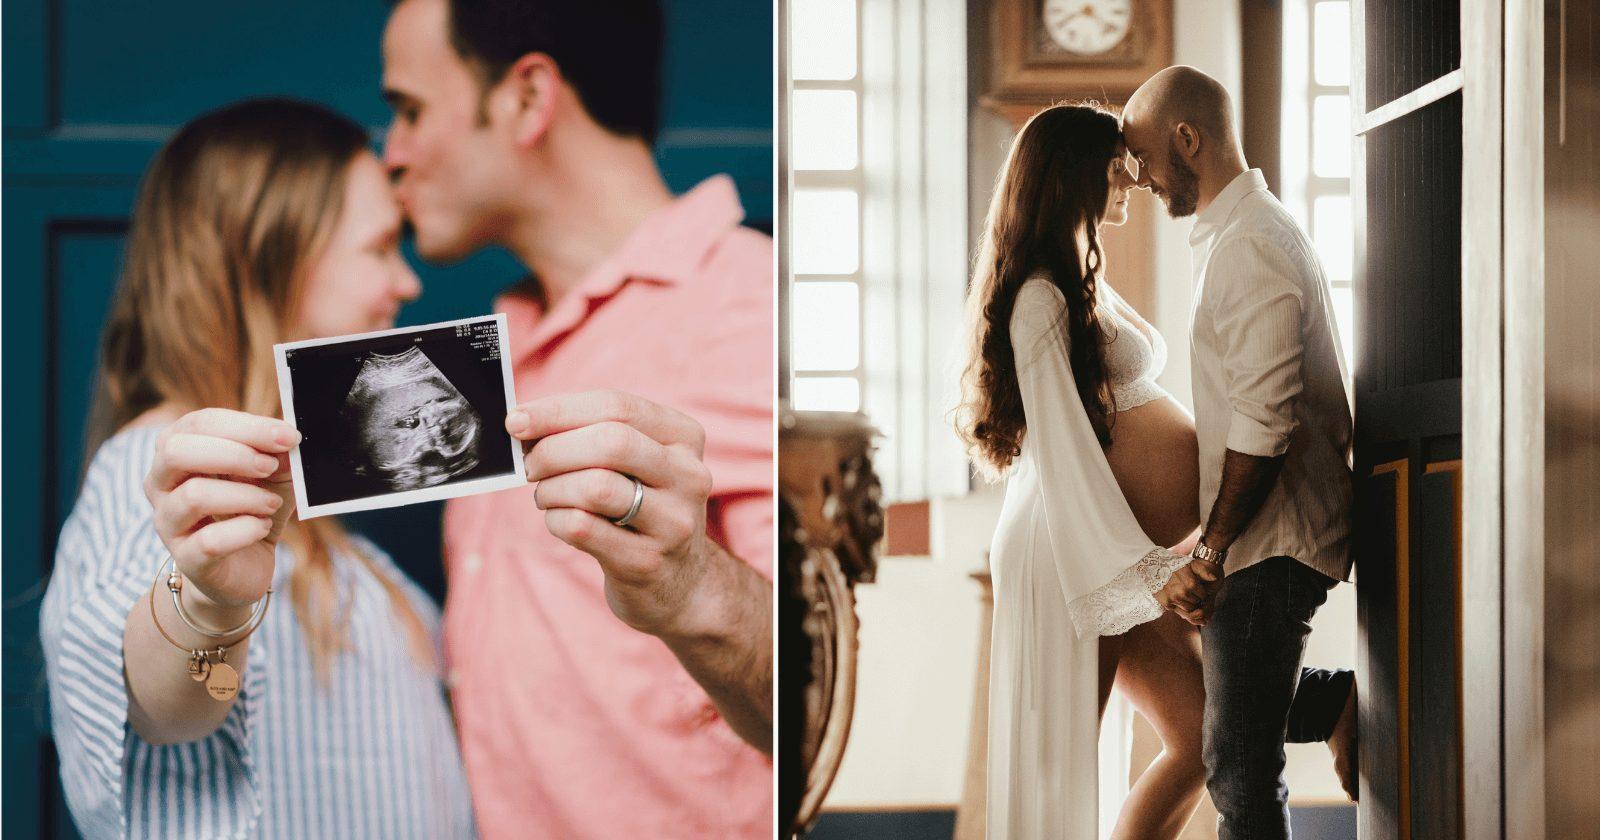 95 legendas para foto grávida com o pai que são FOFAS demais